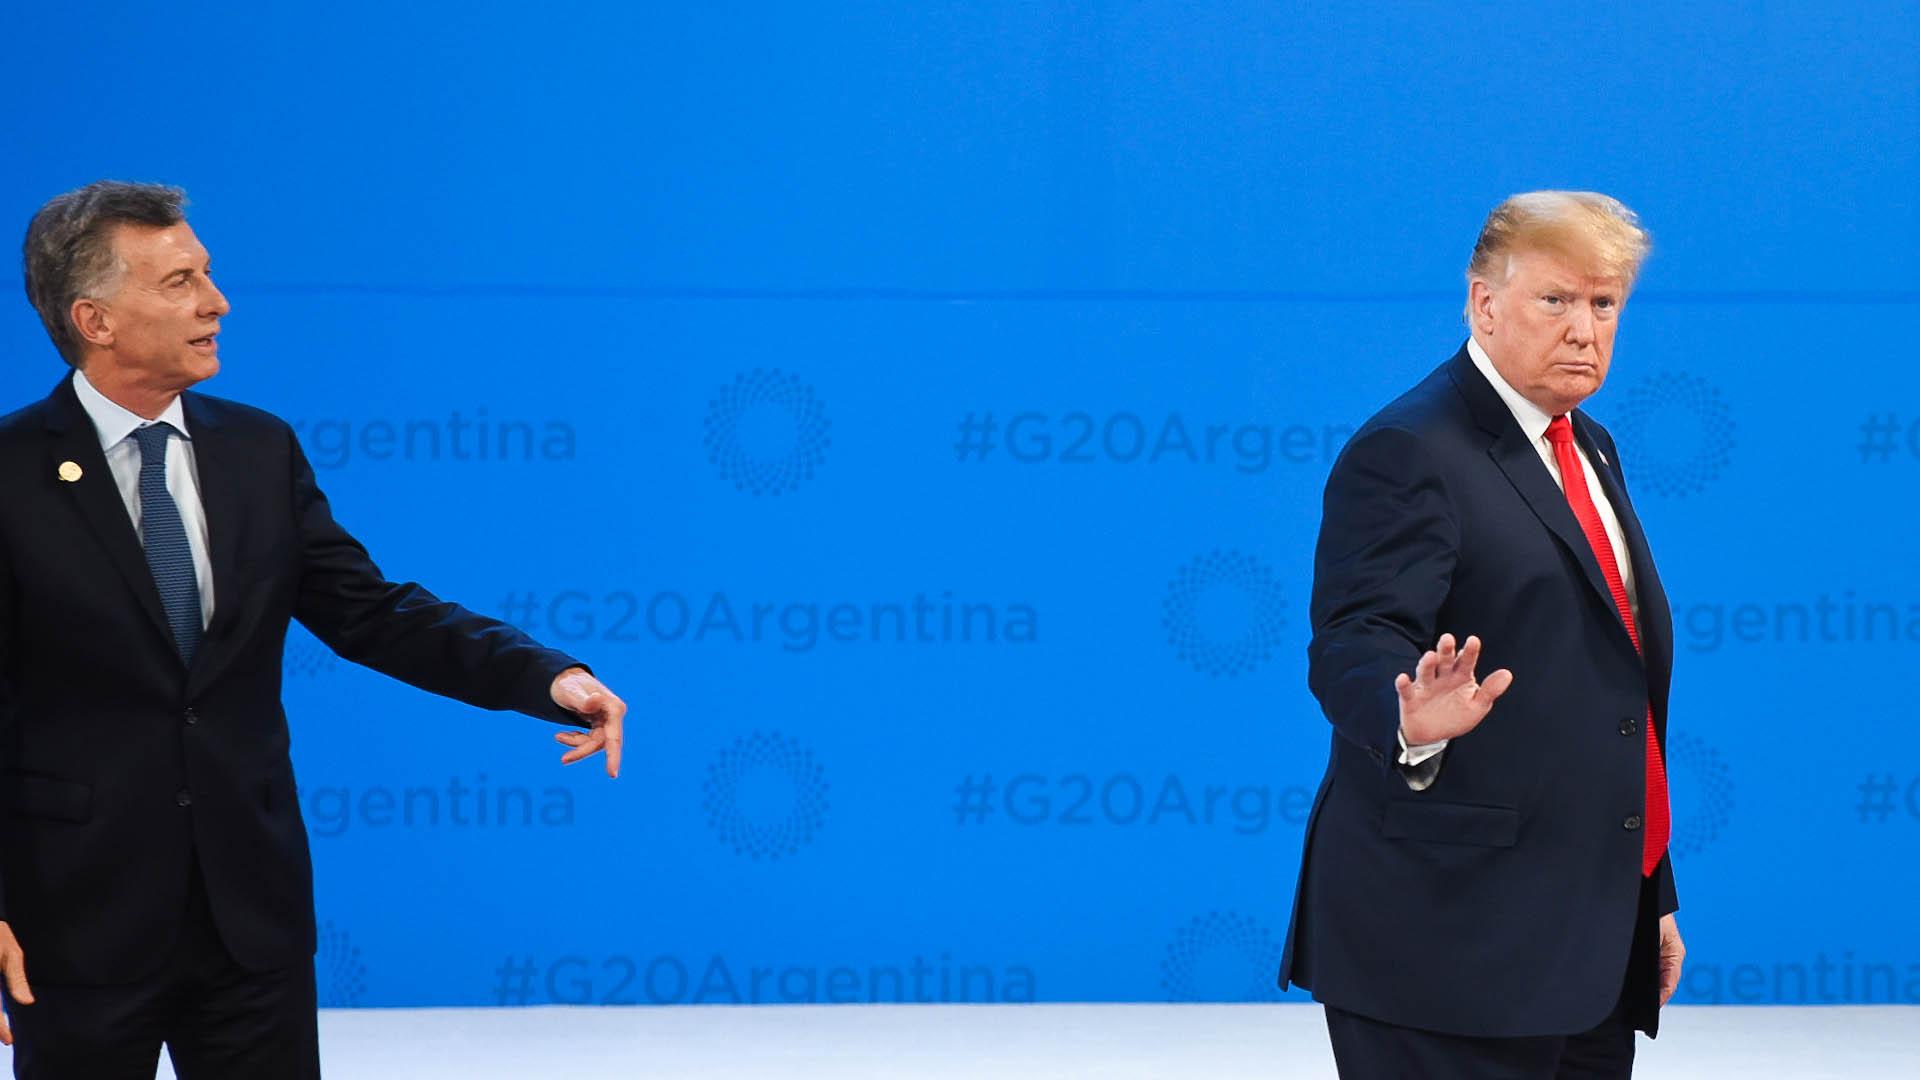 El presidente norteamericano no esperó a que los fotógrafos tomaran la imagen